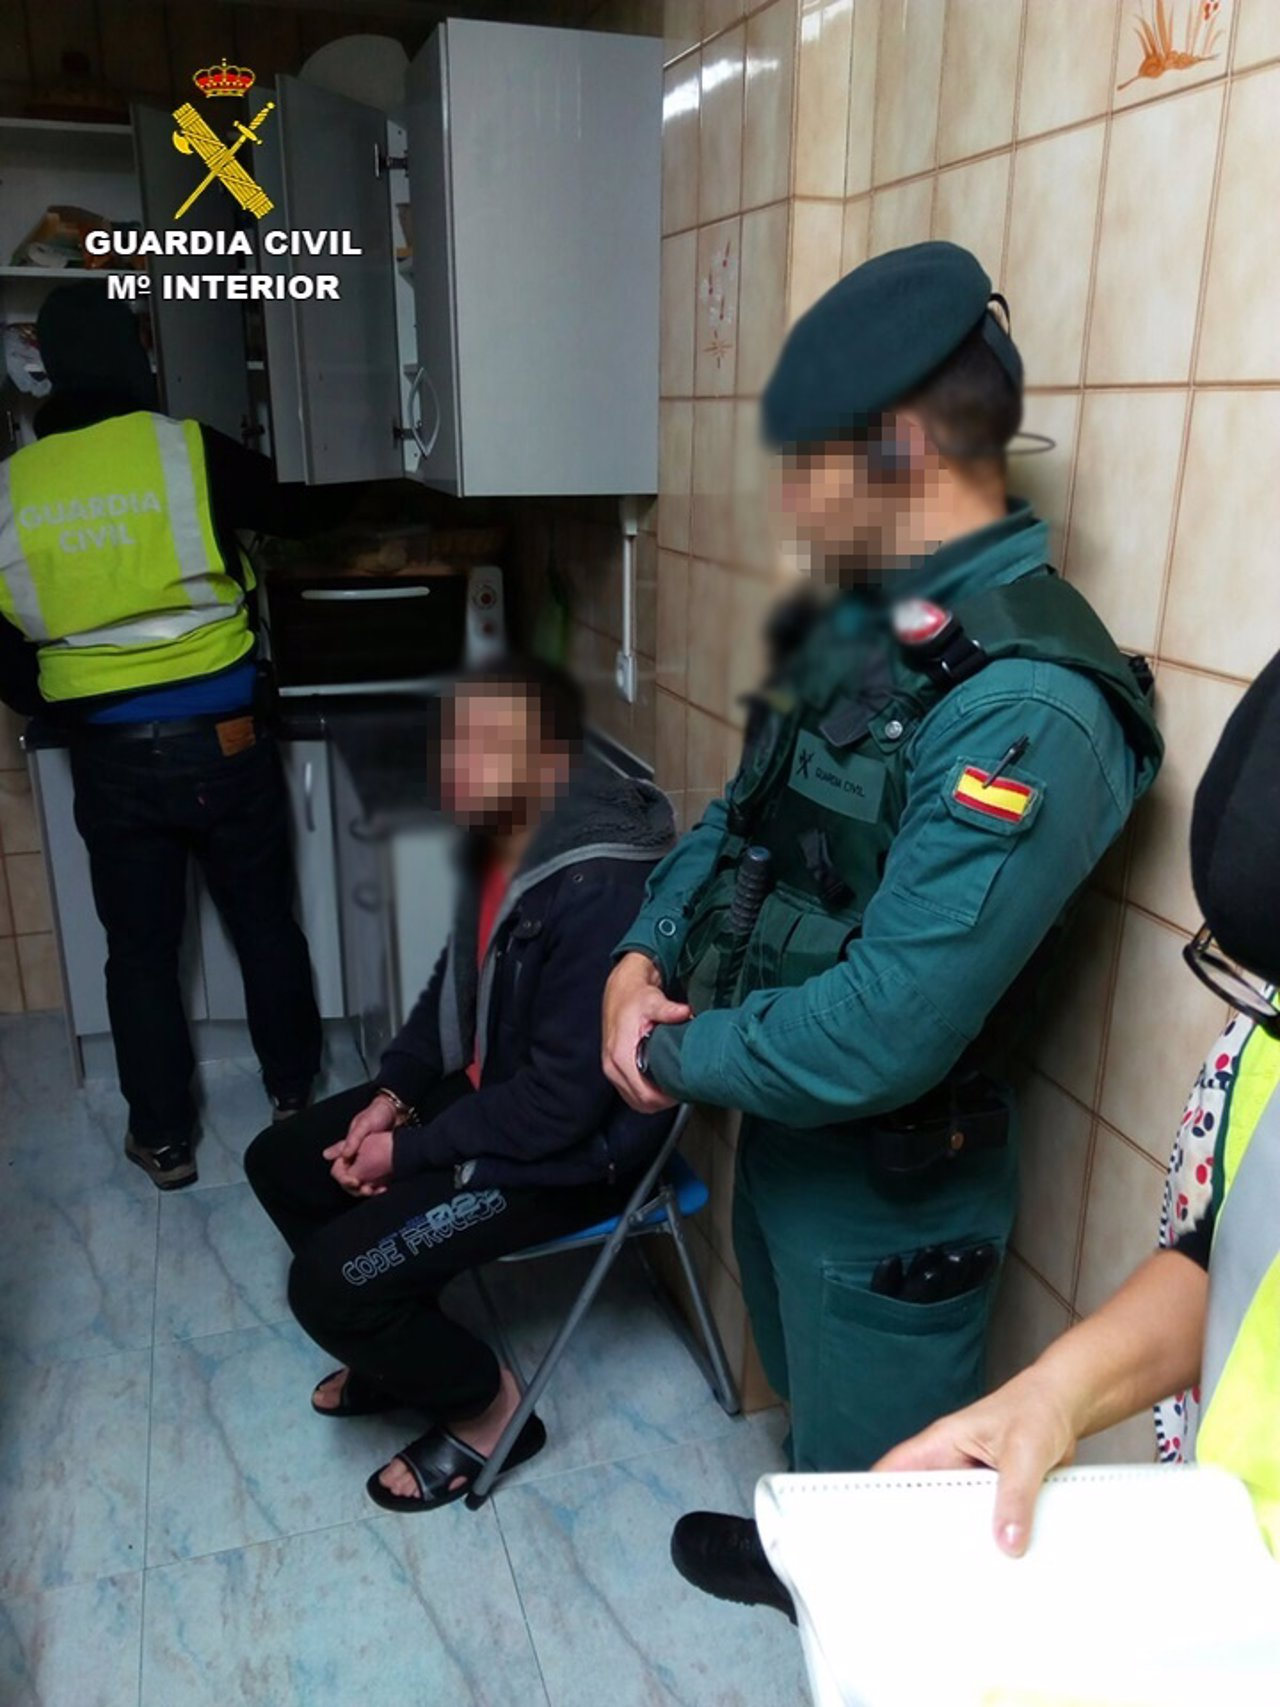 La Guardia Civil detiene en Pamplona a un hombre dispuesto a viajar a Siria